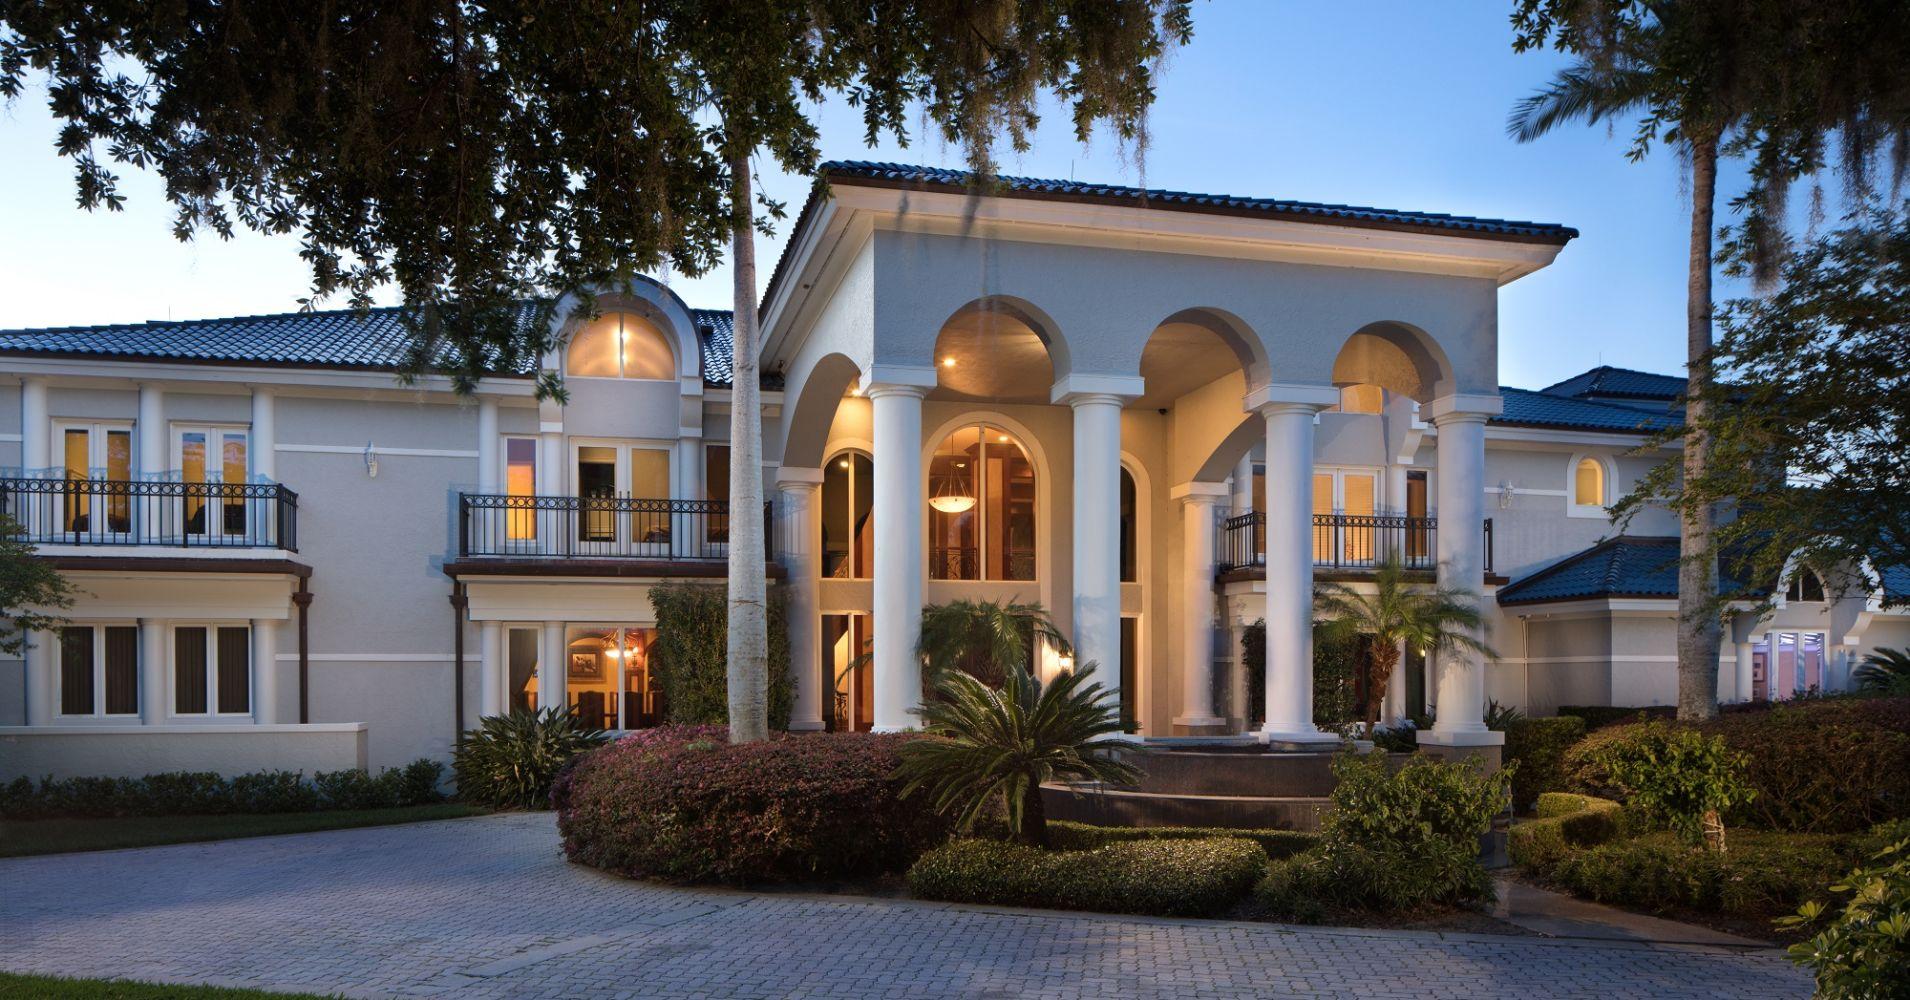 A fachada da casa principal